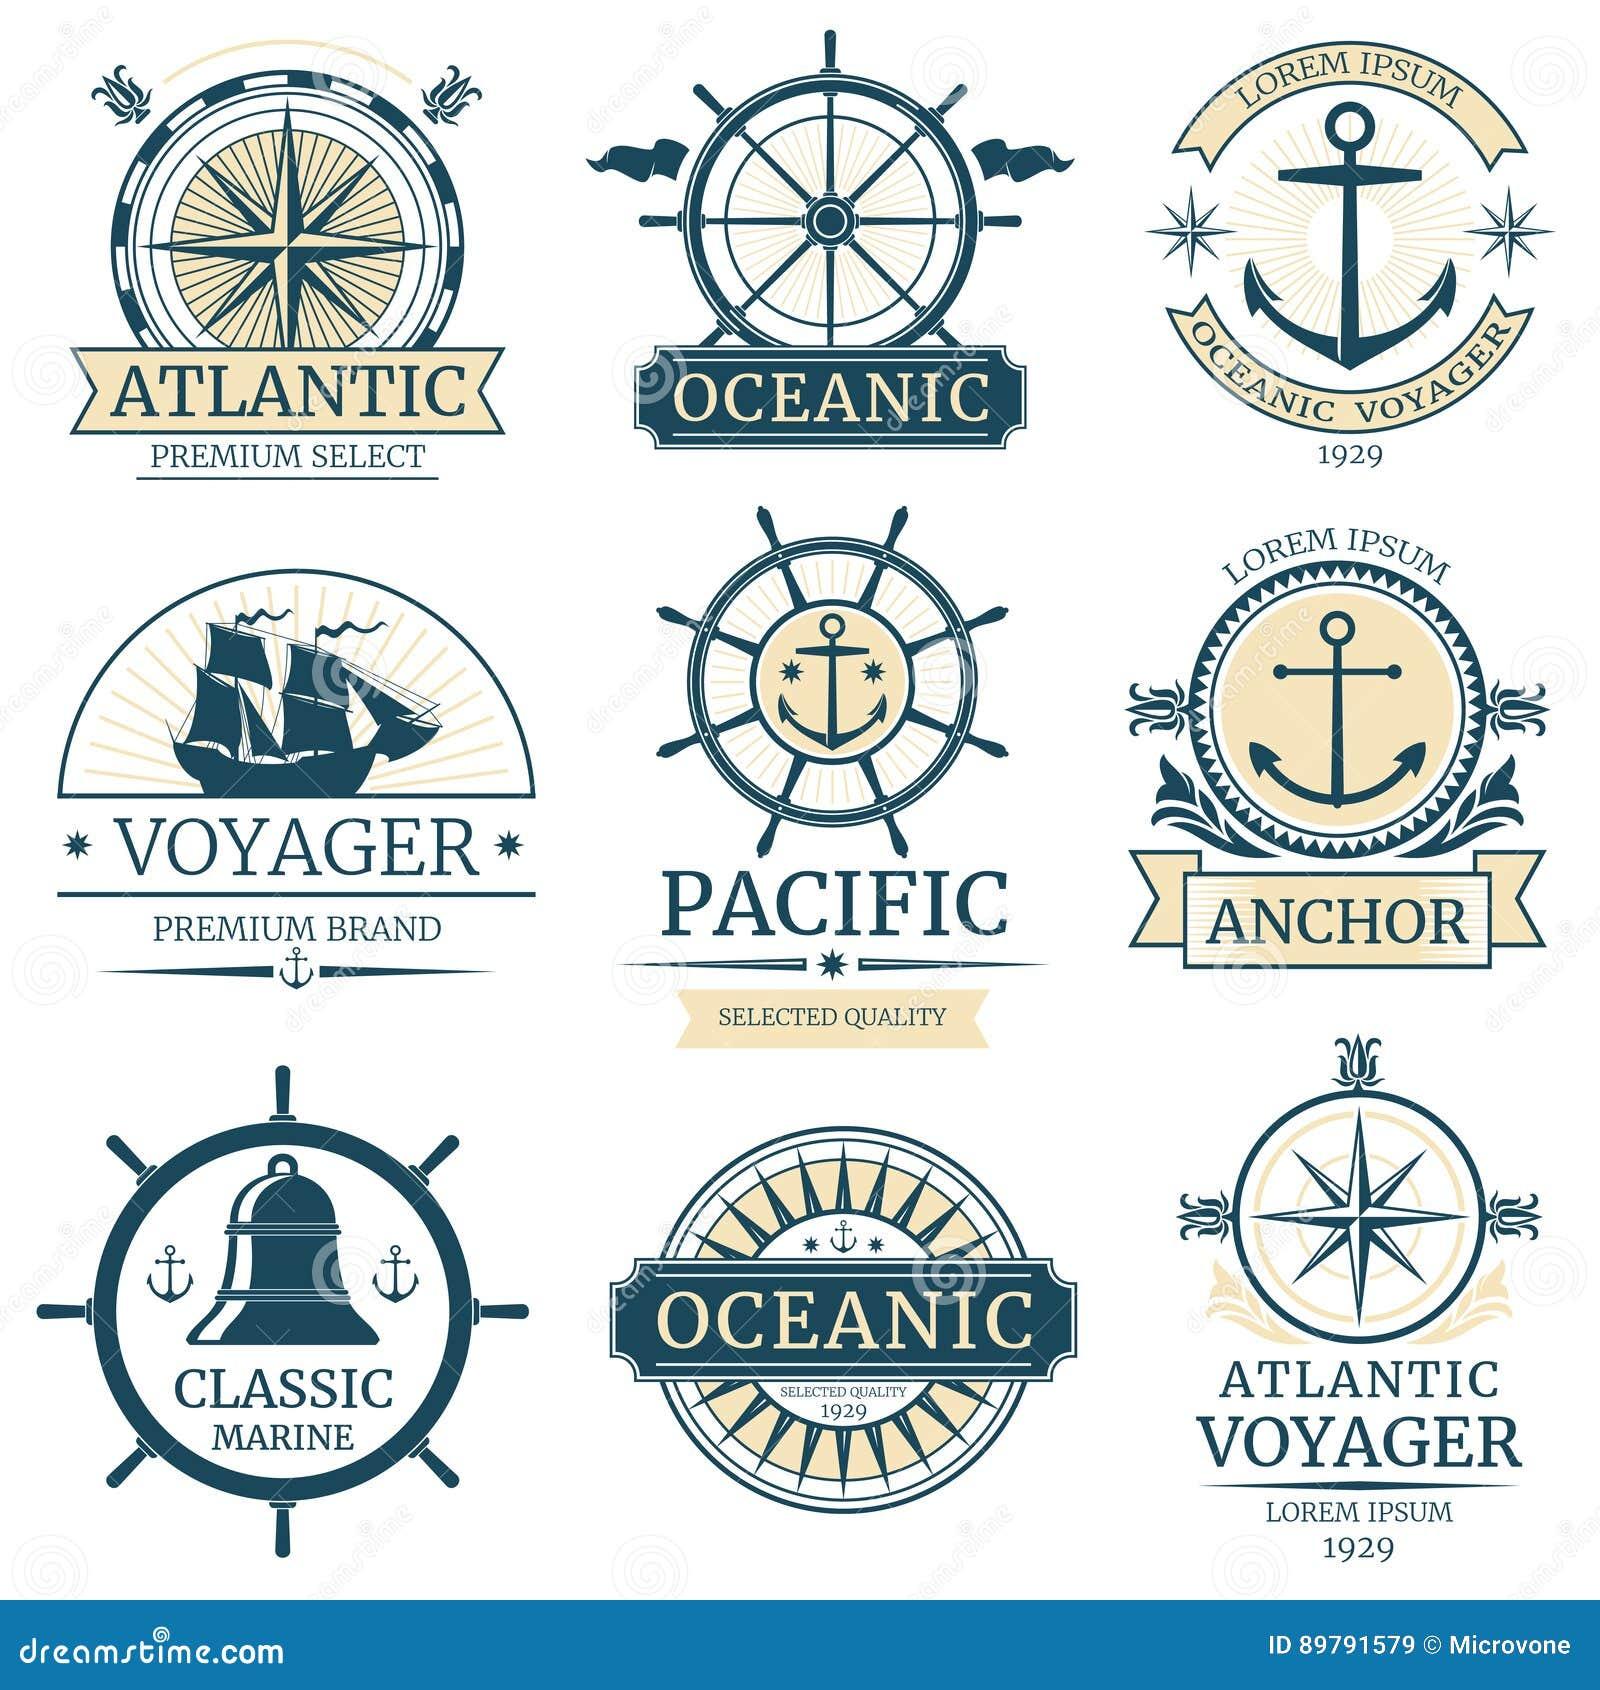 Ναυτικό dating θαλάσσιο αρμονικό καλύτερη ιστοσελίδα dating